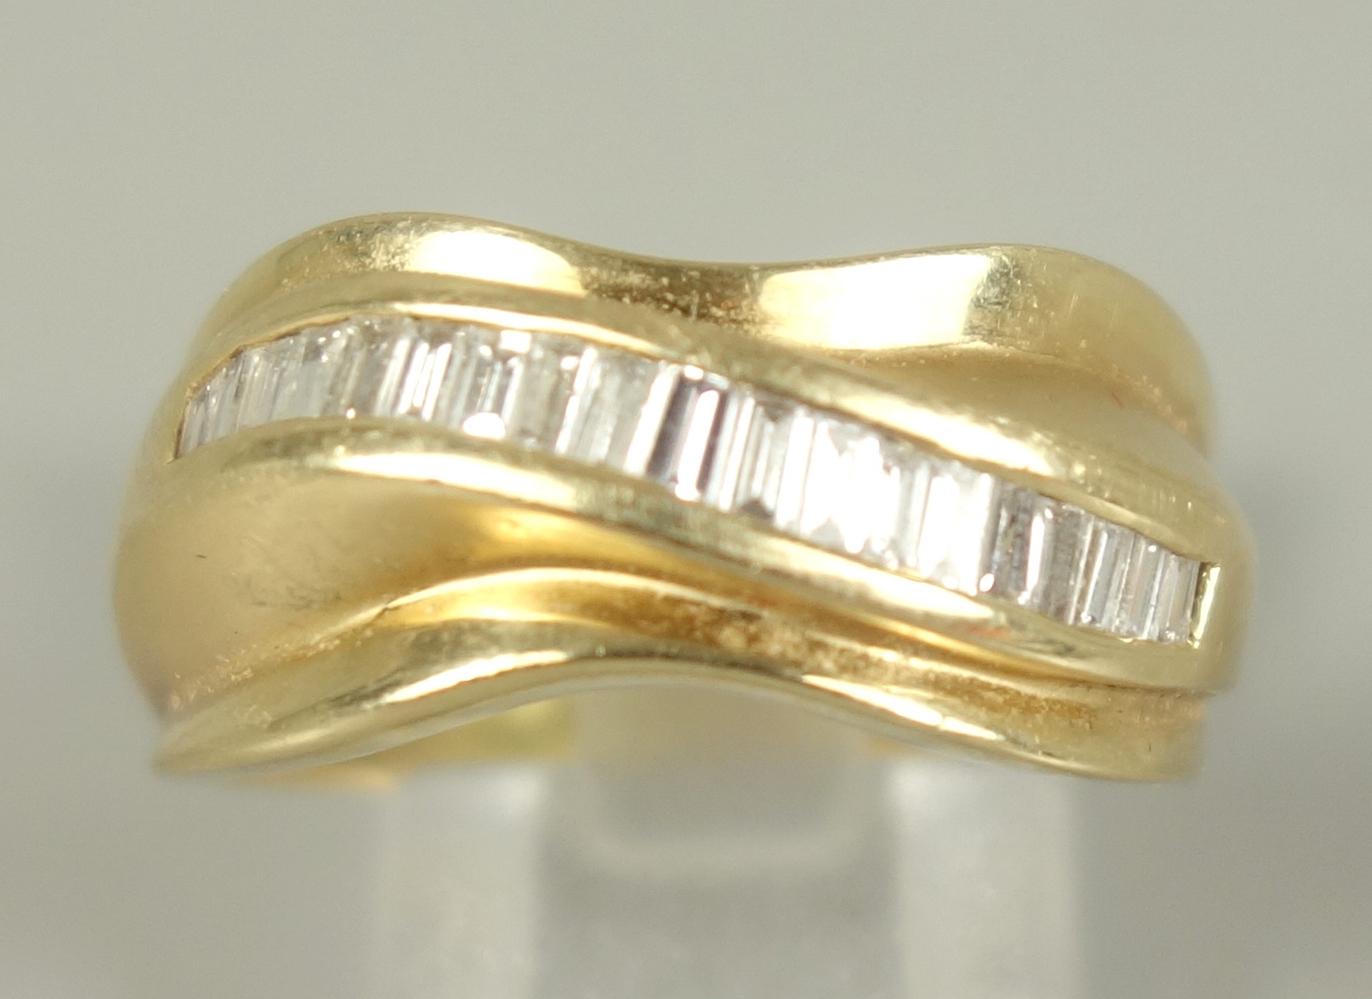 Ring mit Dia.-Brillanten, 585er Gold, Gew. 6,24g, gepr., eckige, facettierte Steine, nebeneinander - Bild 2 aus 2